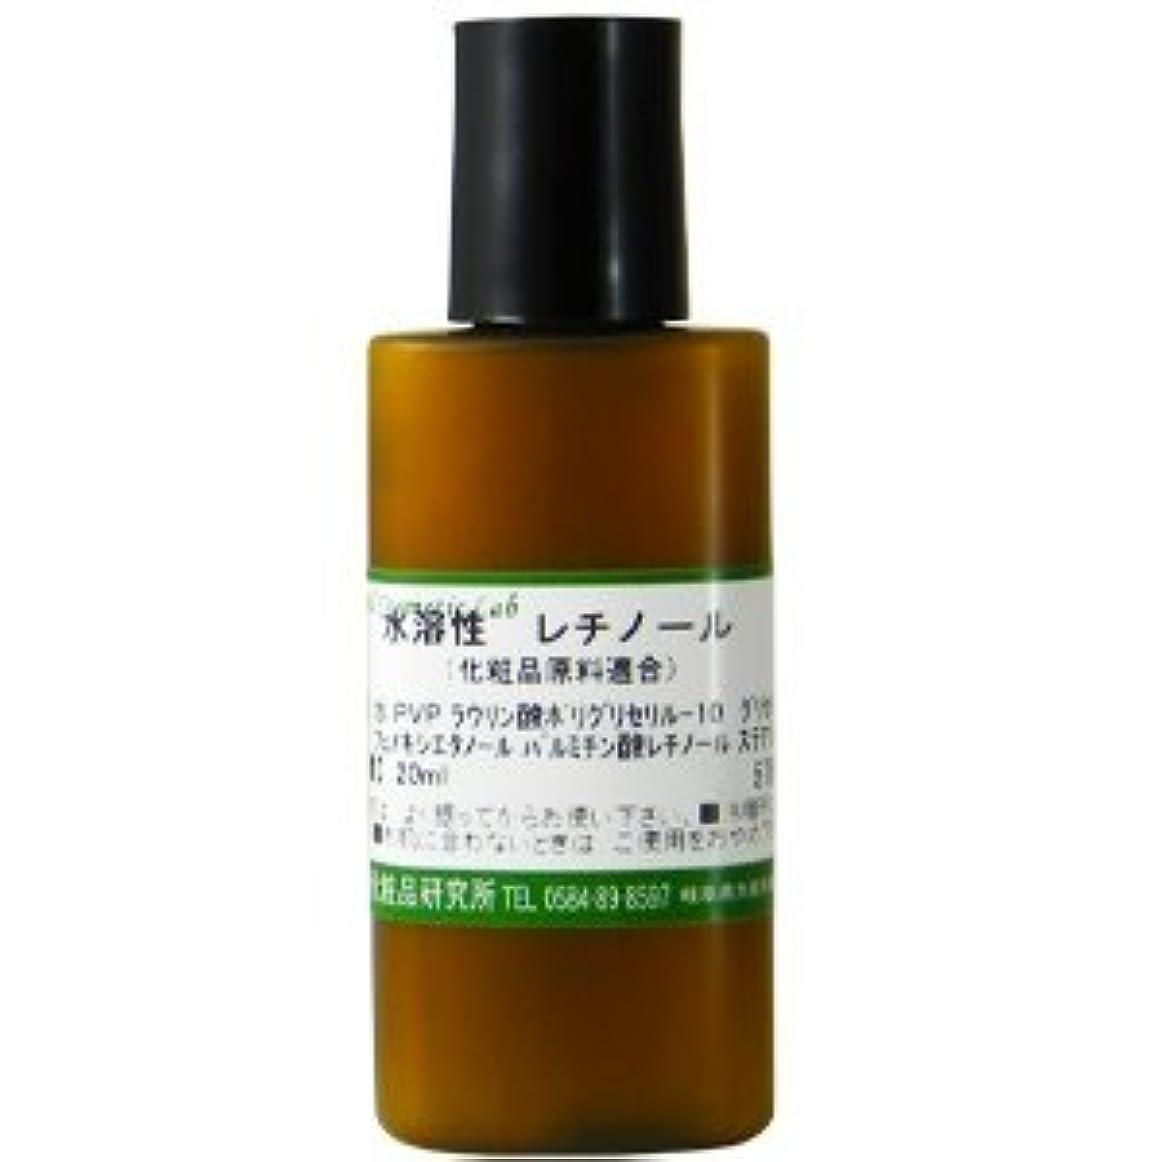 接尾辞タール合図水溶性 レチノール 化粧品原料 20ml